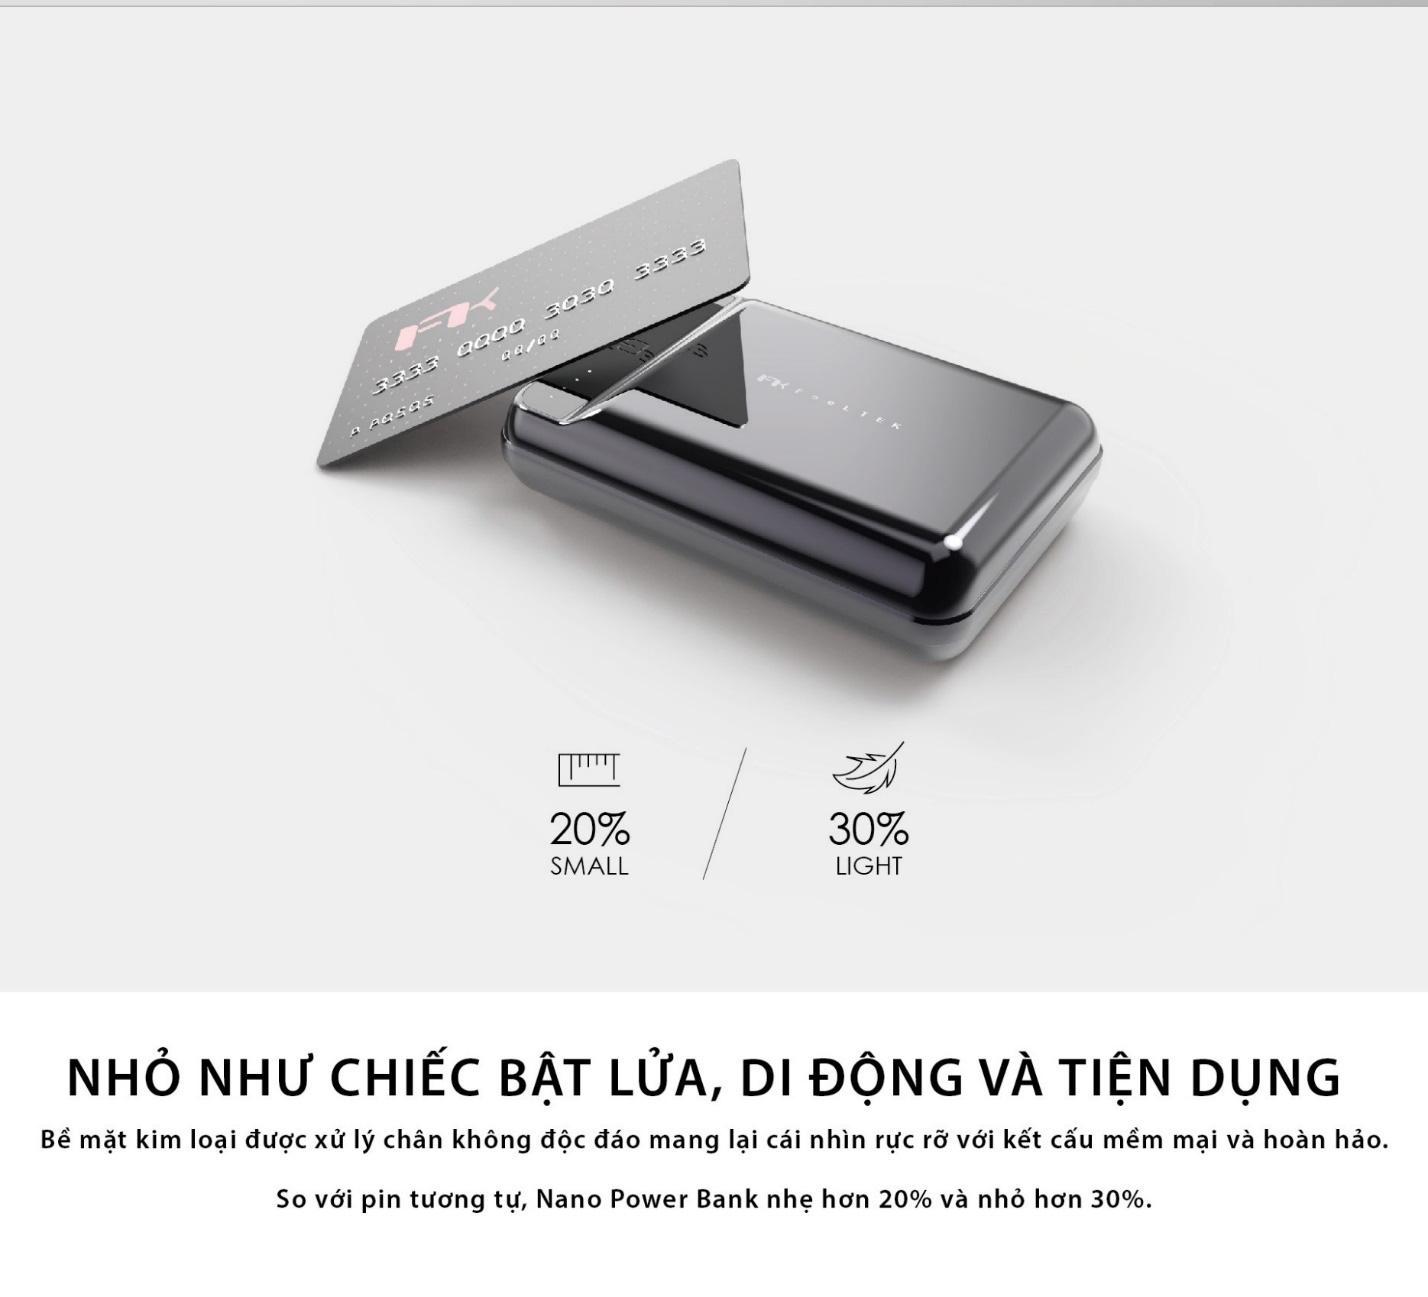 Nano Power Bank Feeltek – Trải nghiệm công nghệ với thiết kế hoàn hảo - Ảnh 2.